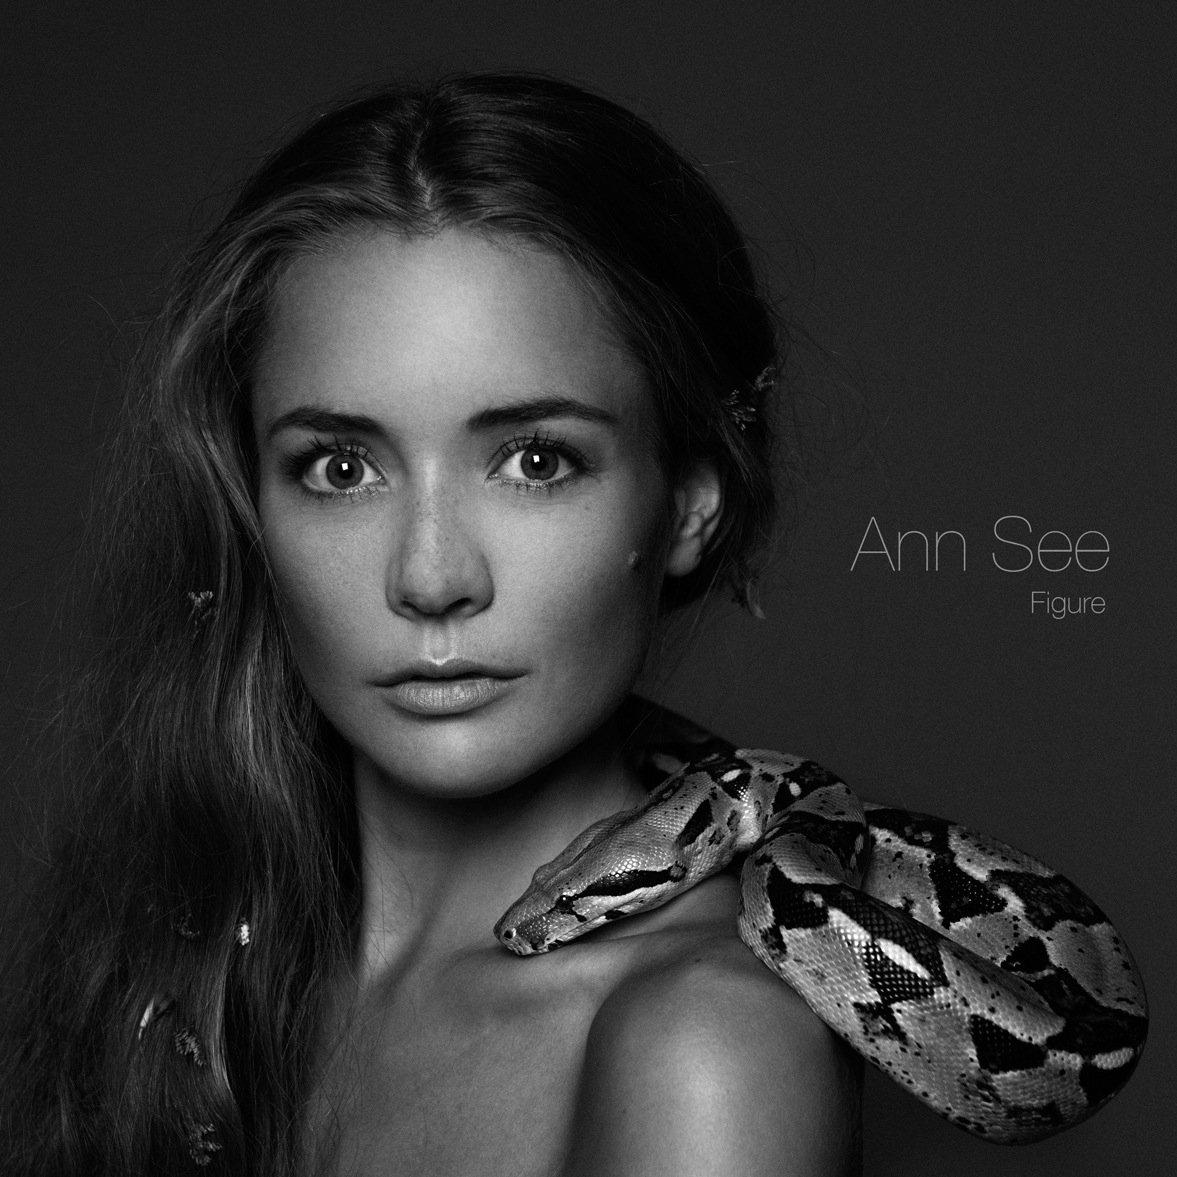 Ann See